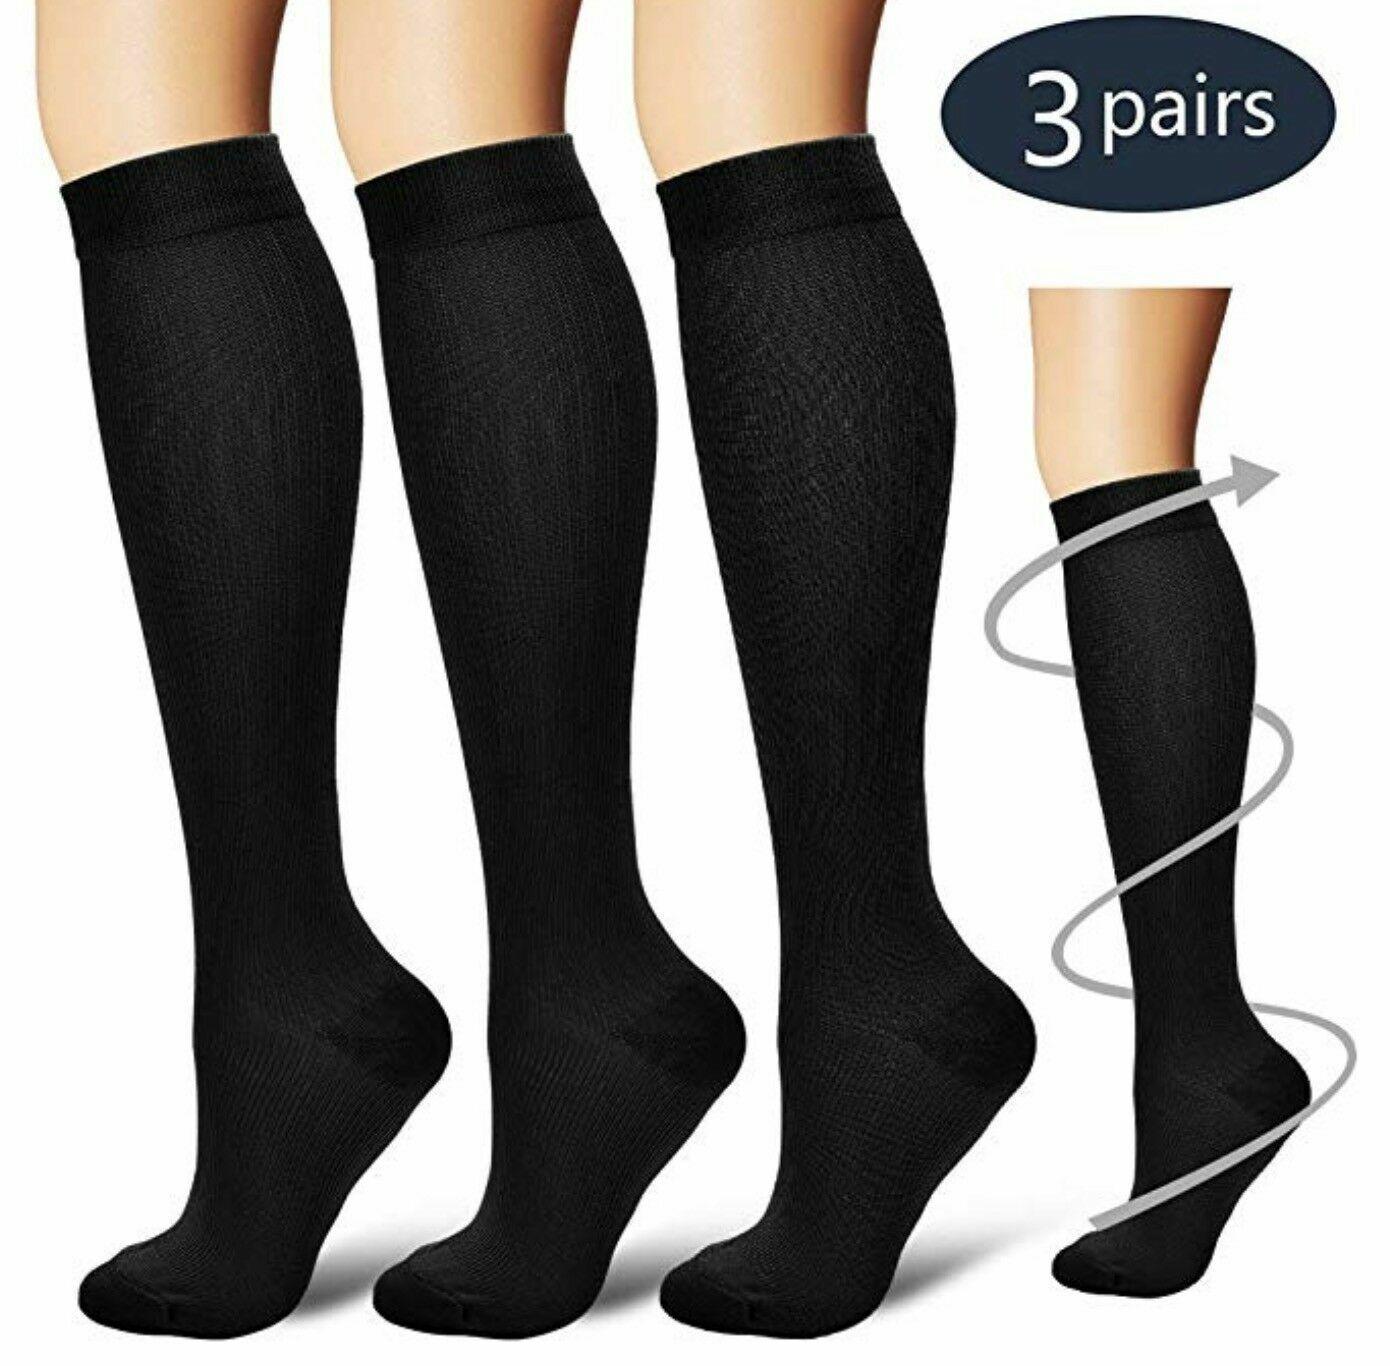 S-XXXL Compression Socks Knee High 20-30mmHg Graduated Mens